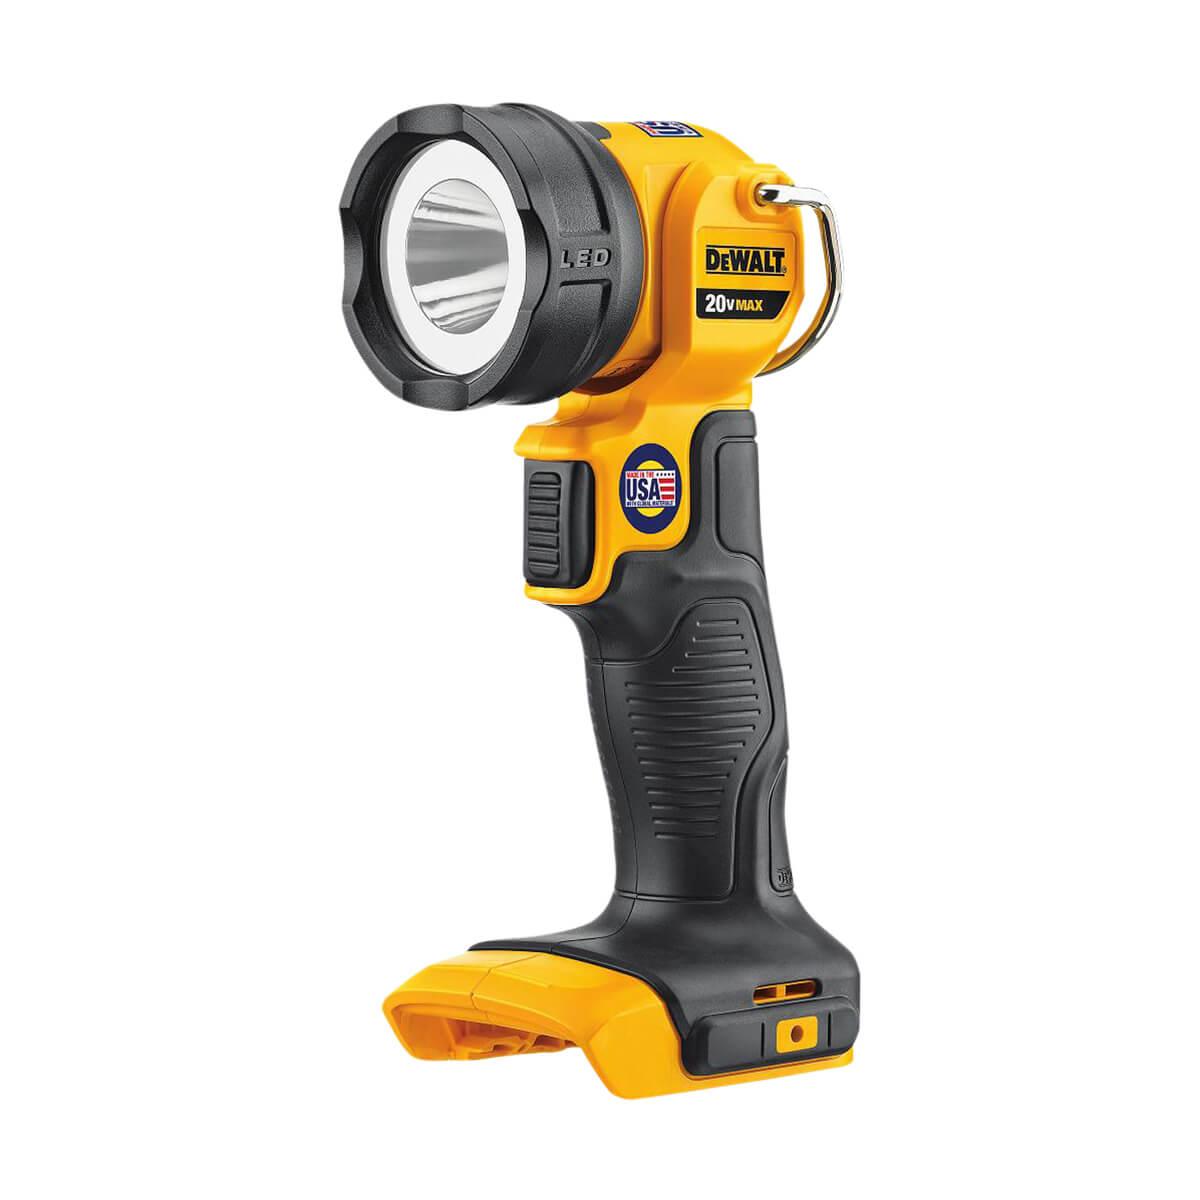 DEWALT 20V MAX* LED Work Light